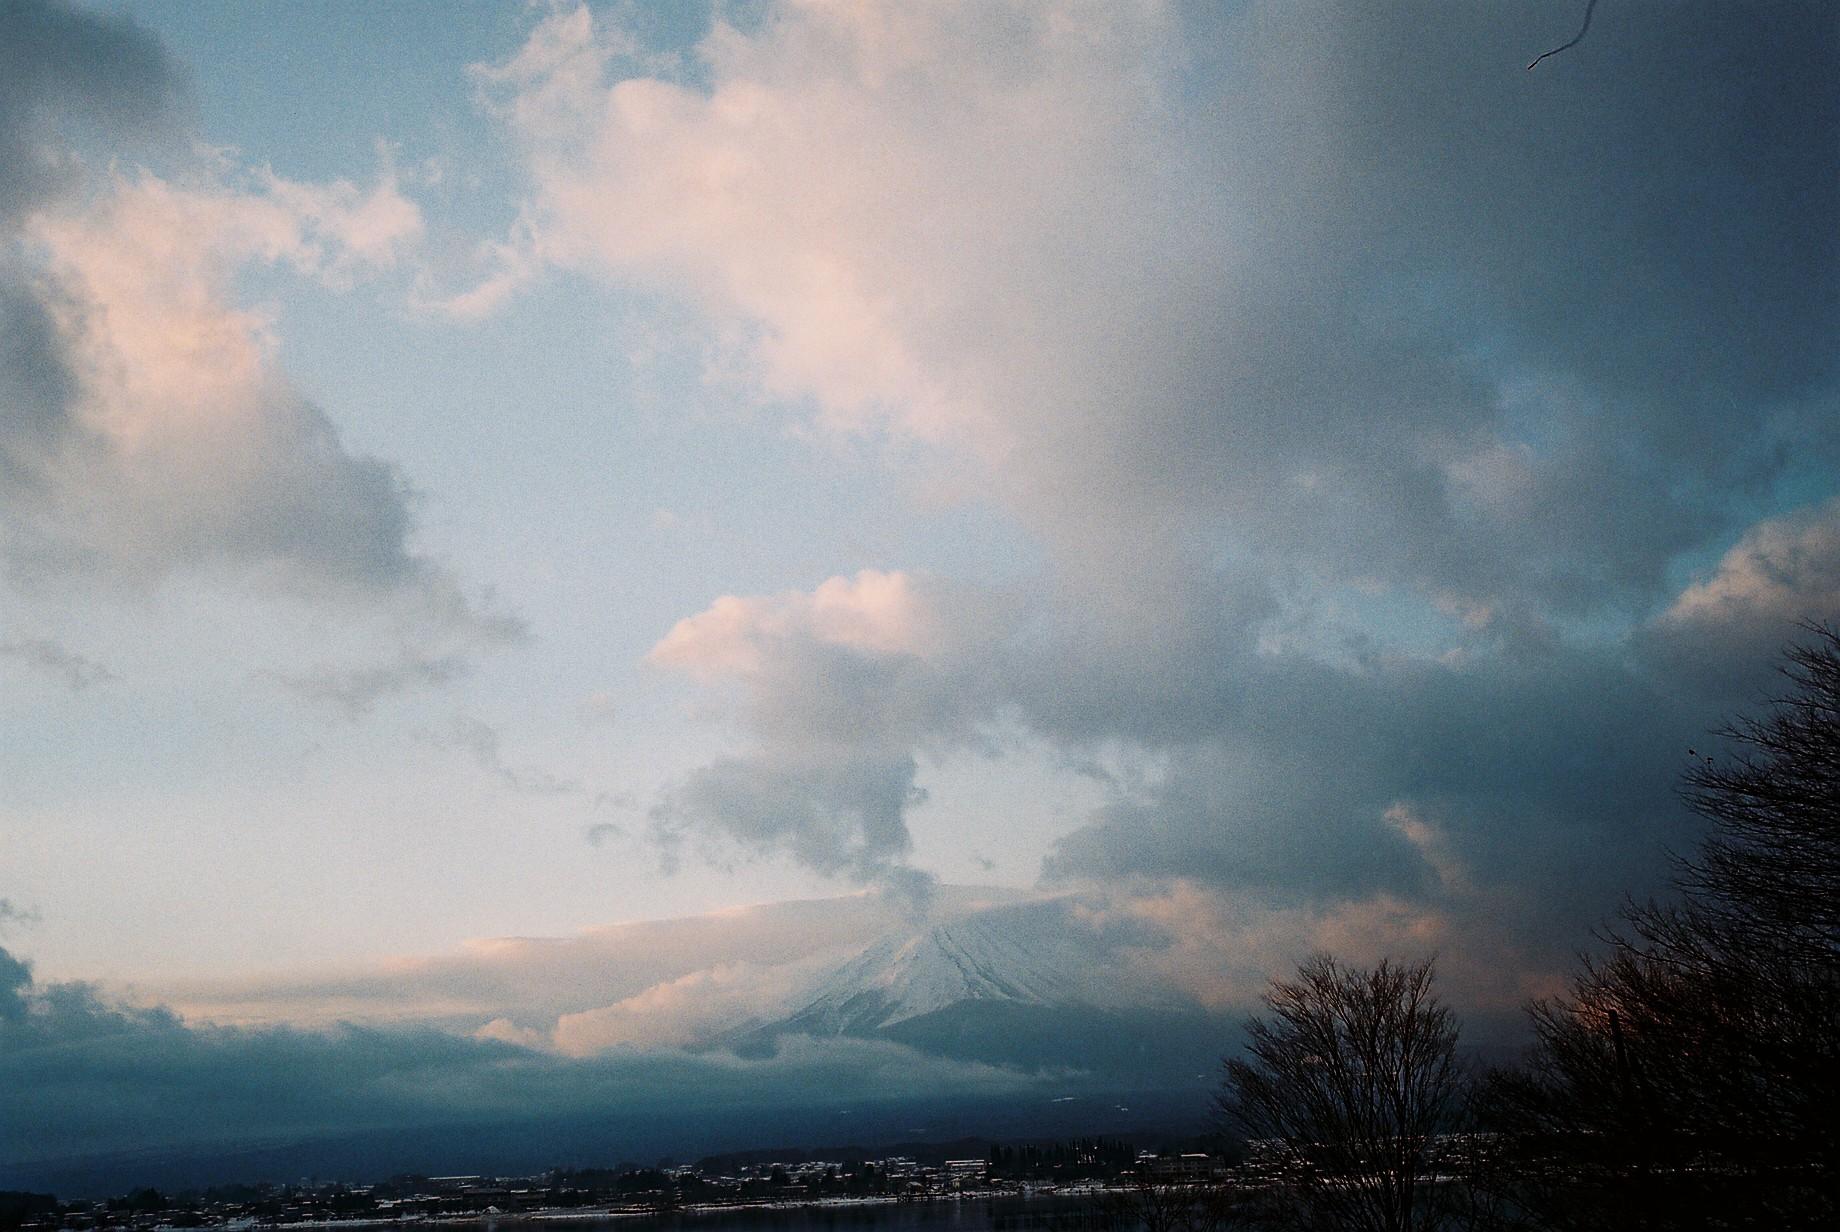 傳說中的富士山